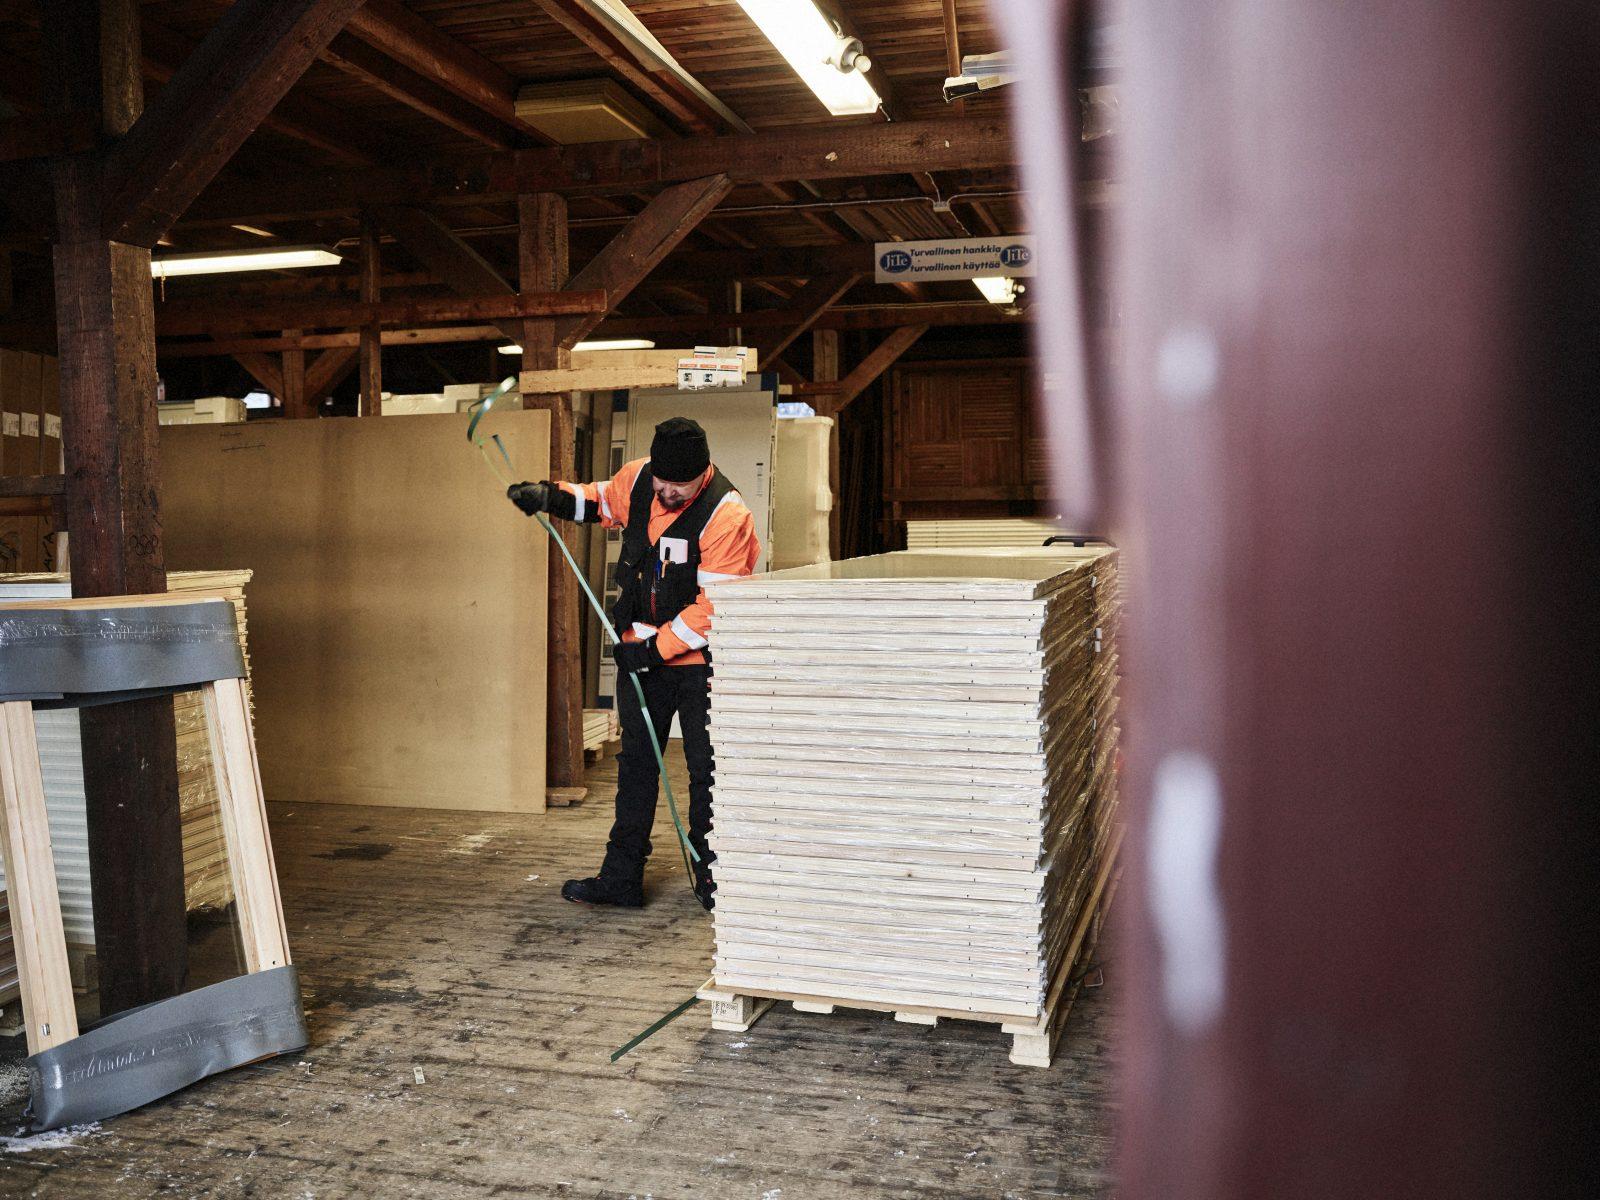 Varastötyöntekijä pakkaamassa väliovilavaa.